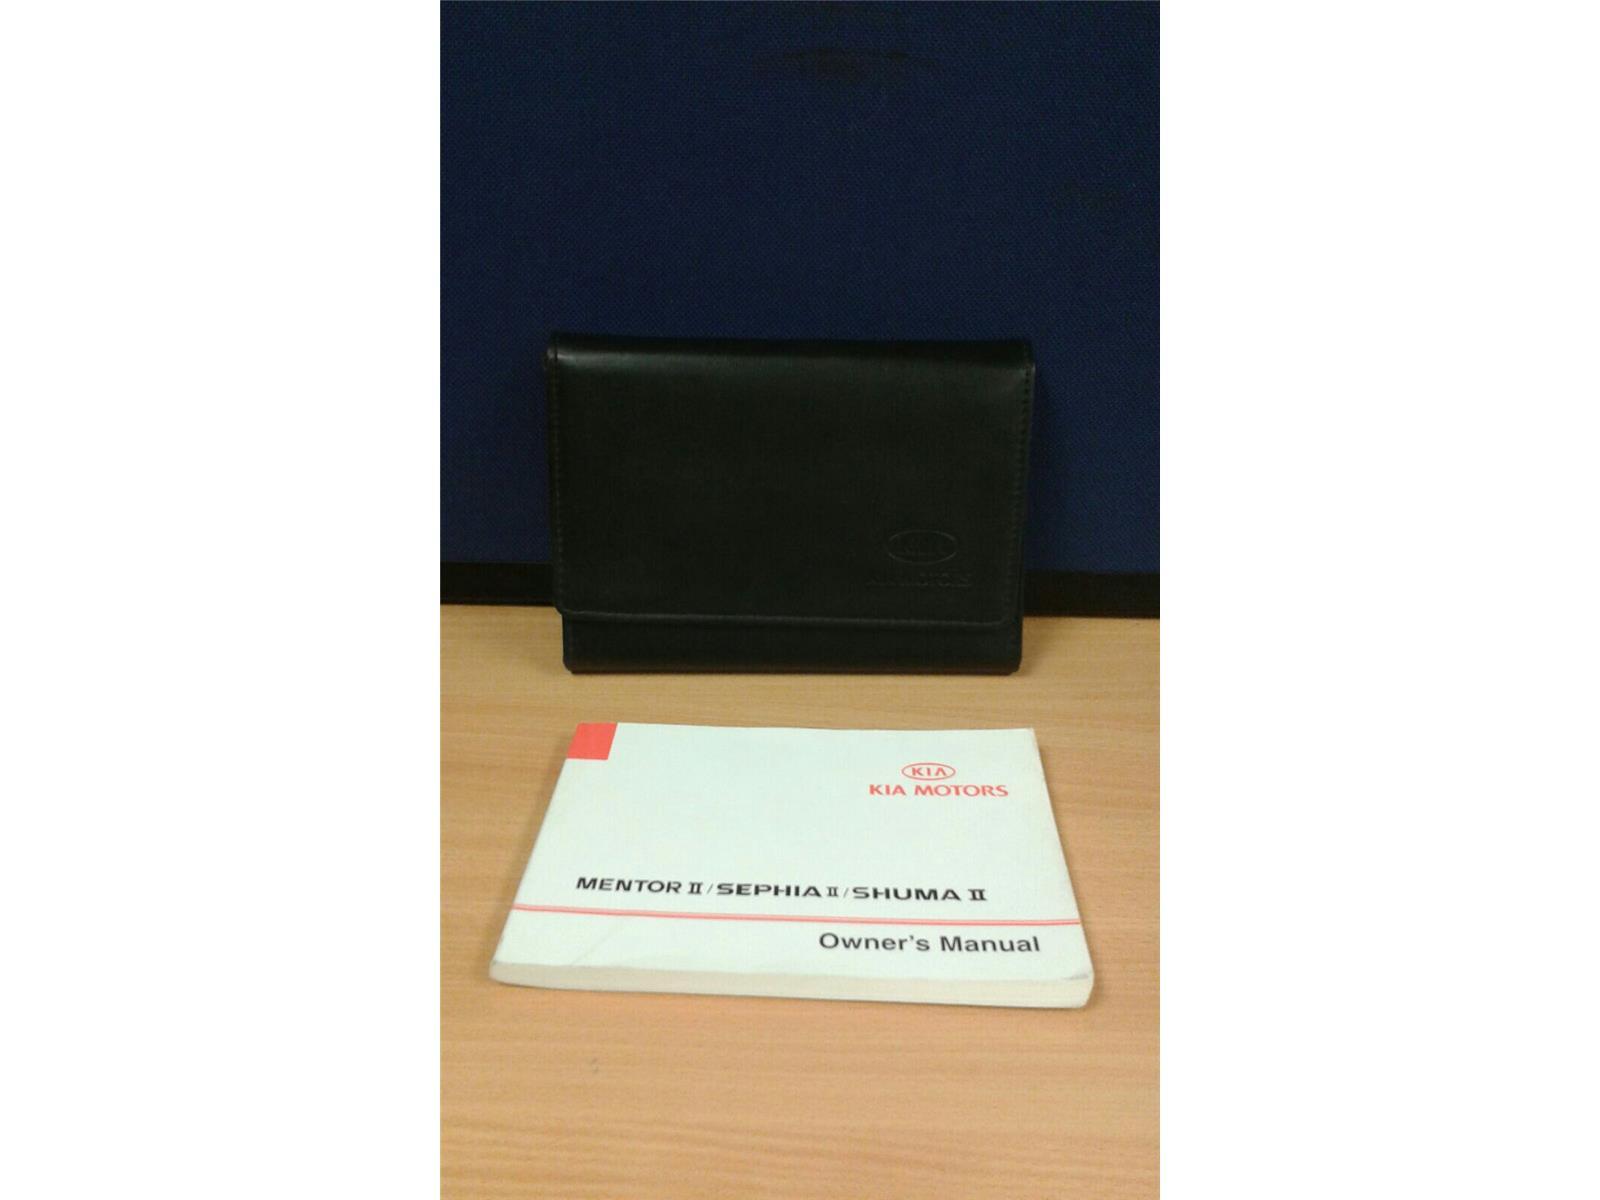 ... 2003 Kia Shuma II Owners Handbook Manual and Wallet - 5003045 ...